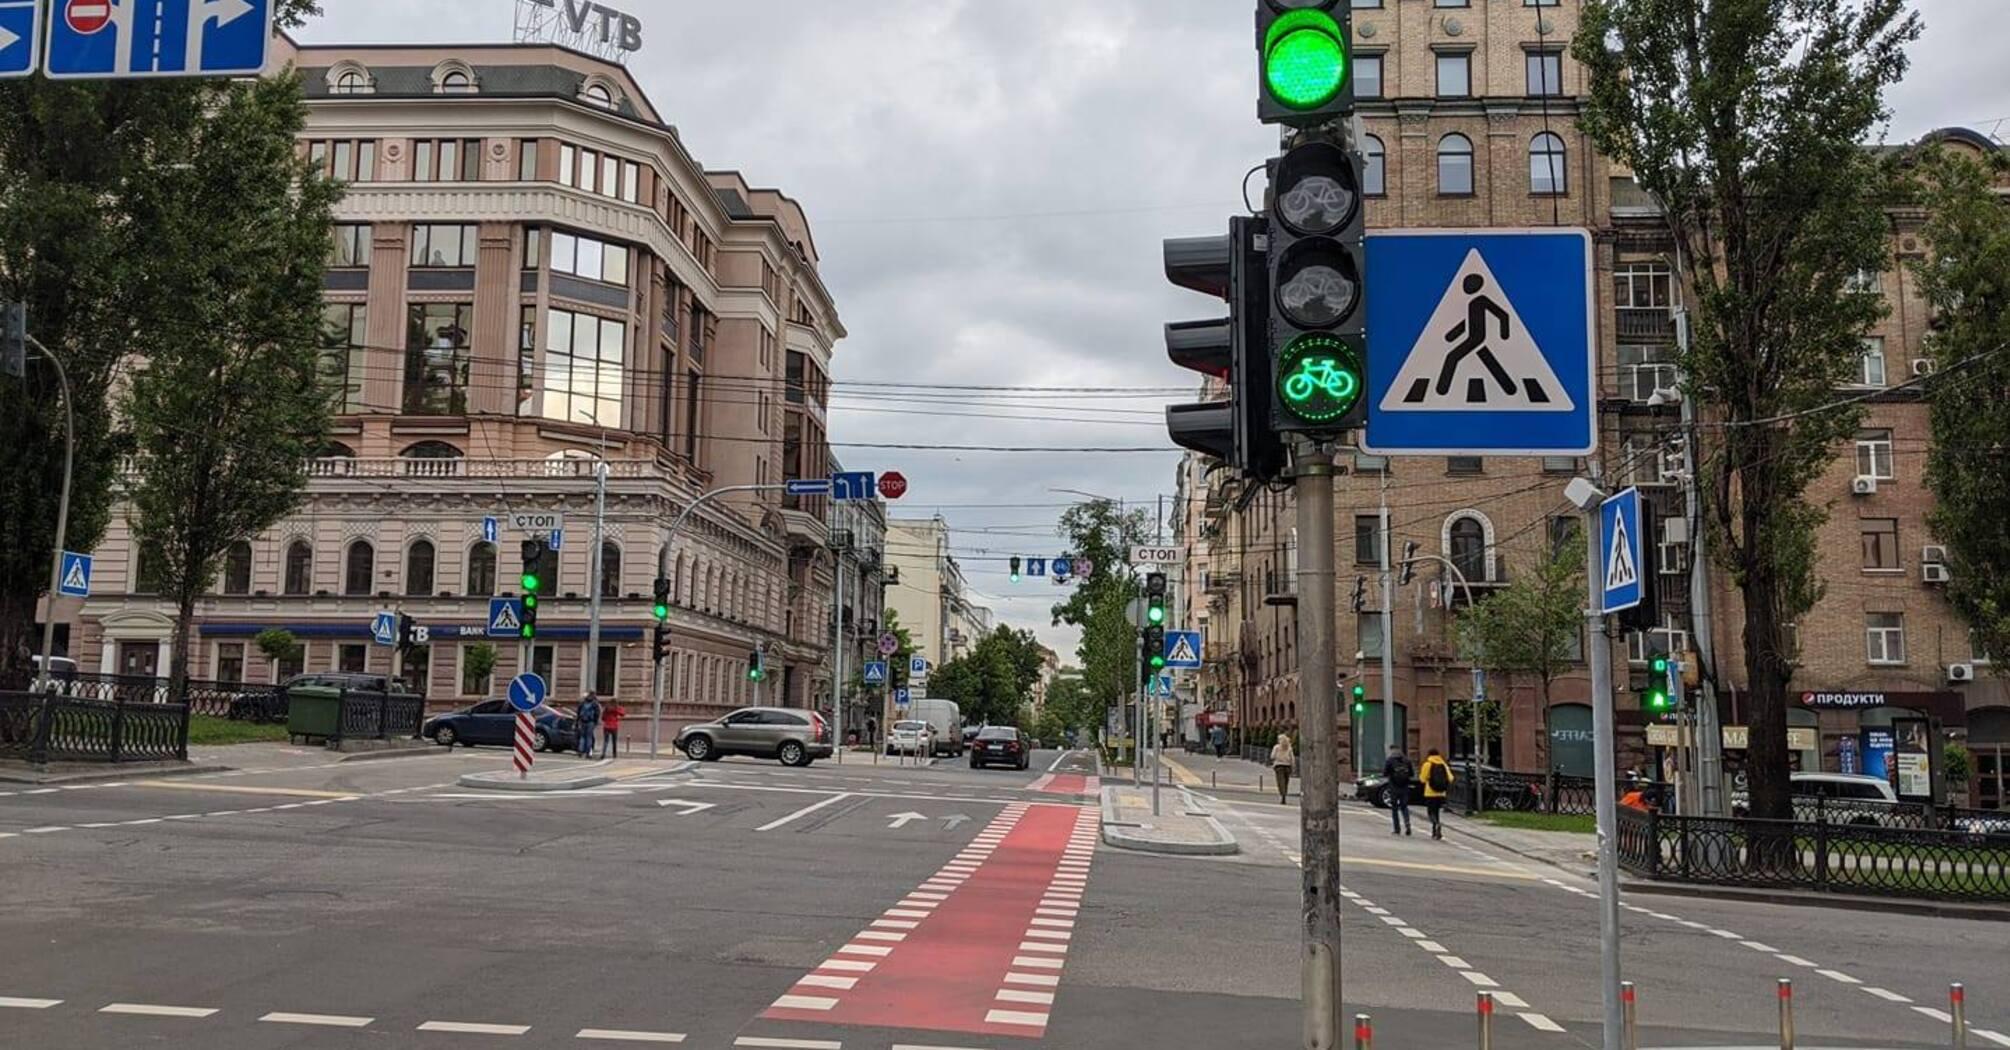 Новые правила для водителей, пешеходов и велосипедистов. Что запрещено